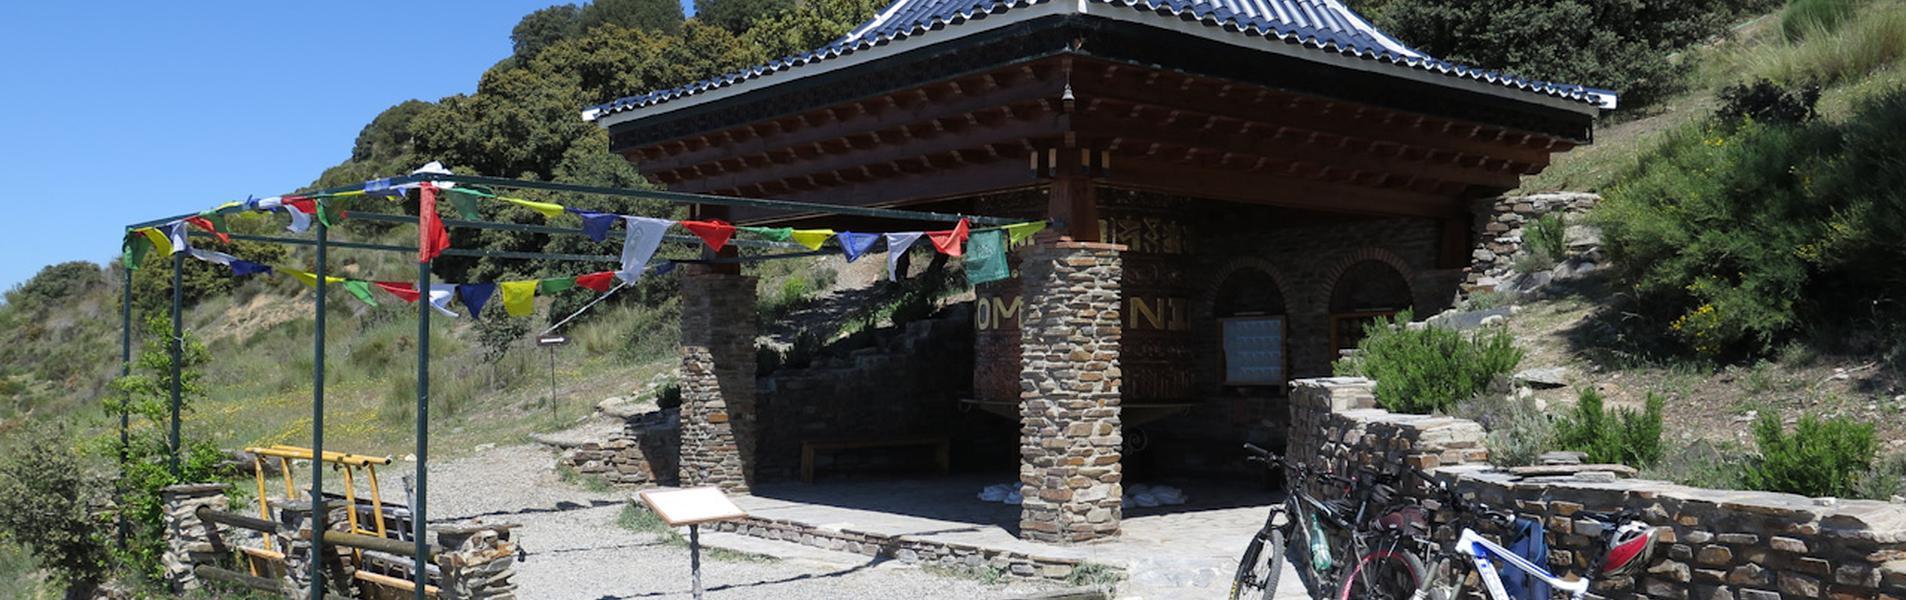 Monasterio Budista O Sel Ling